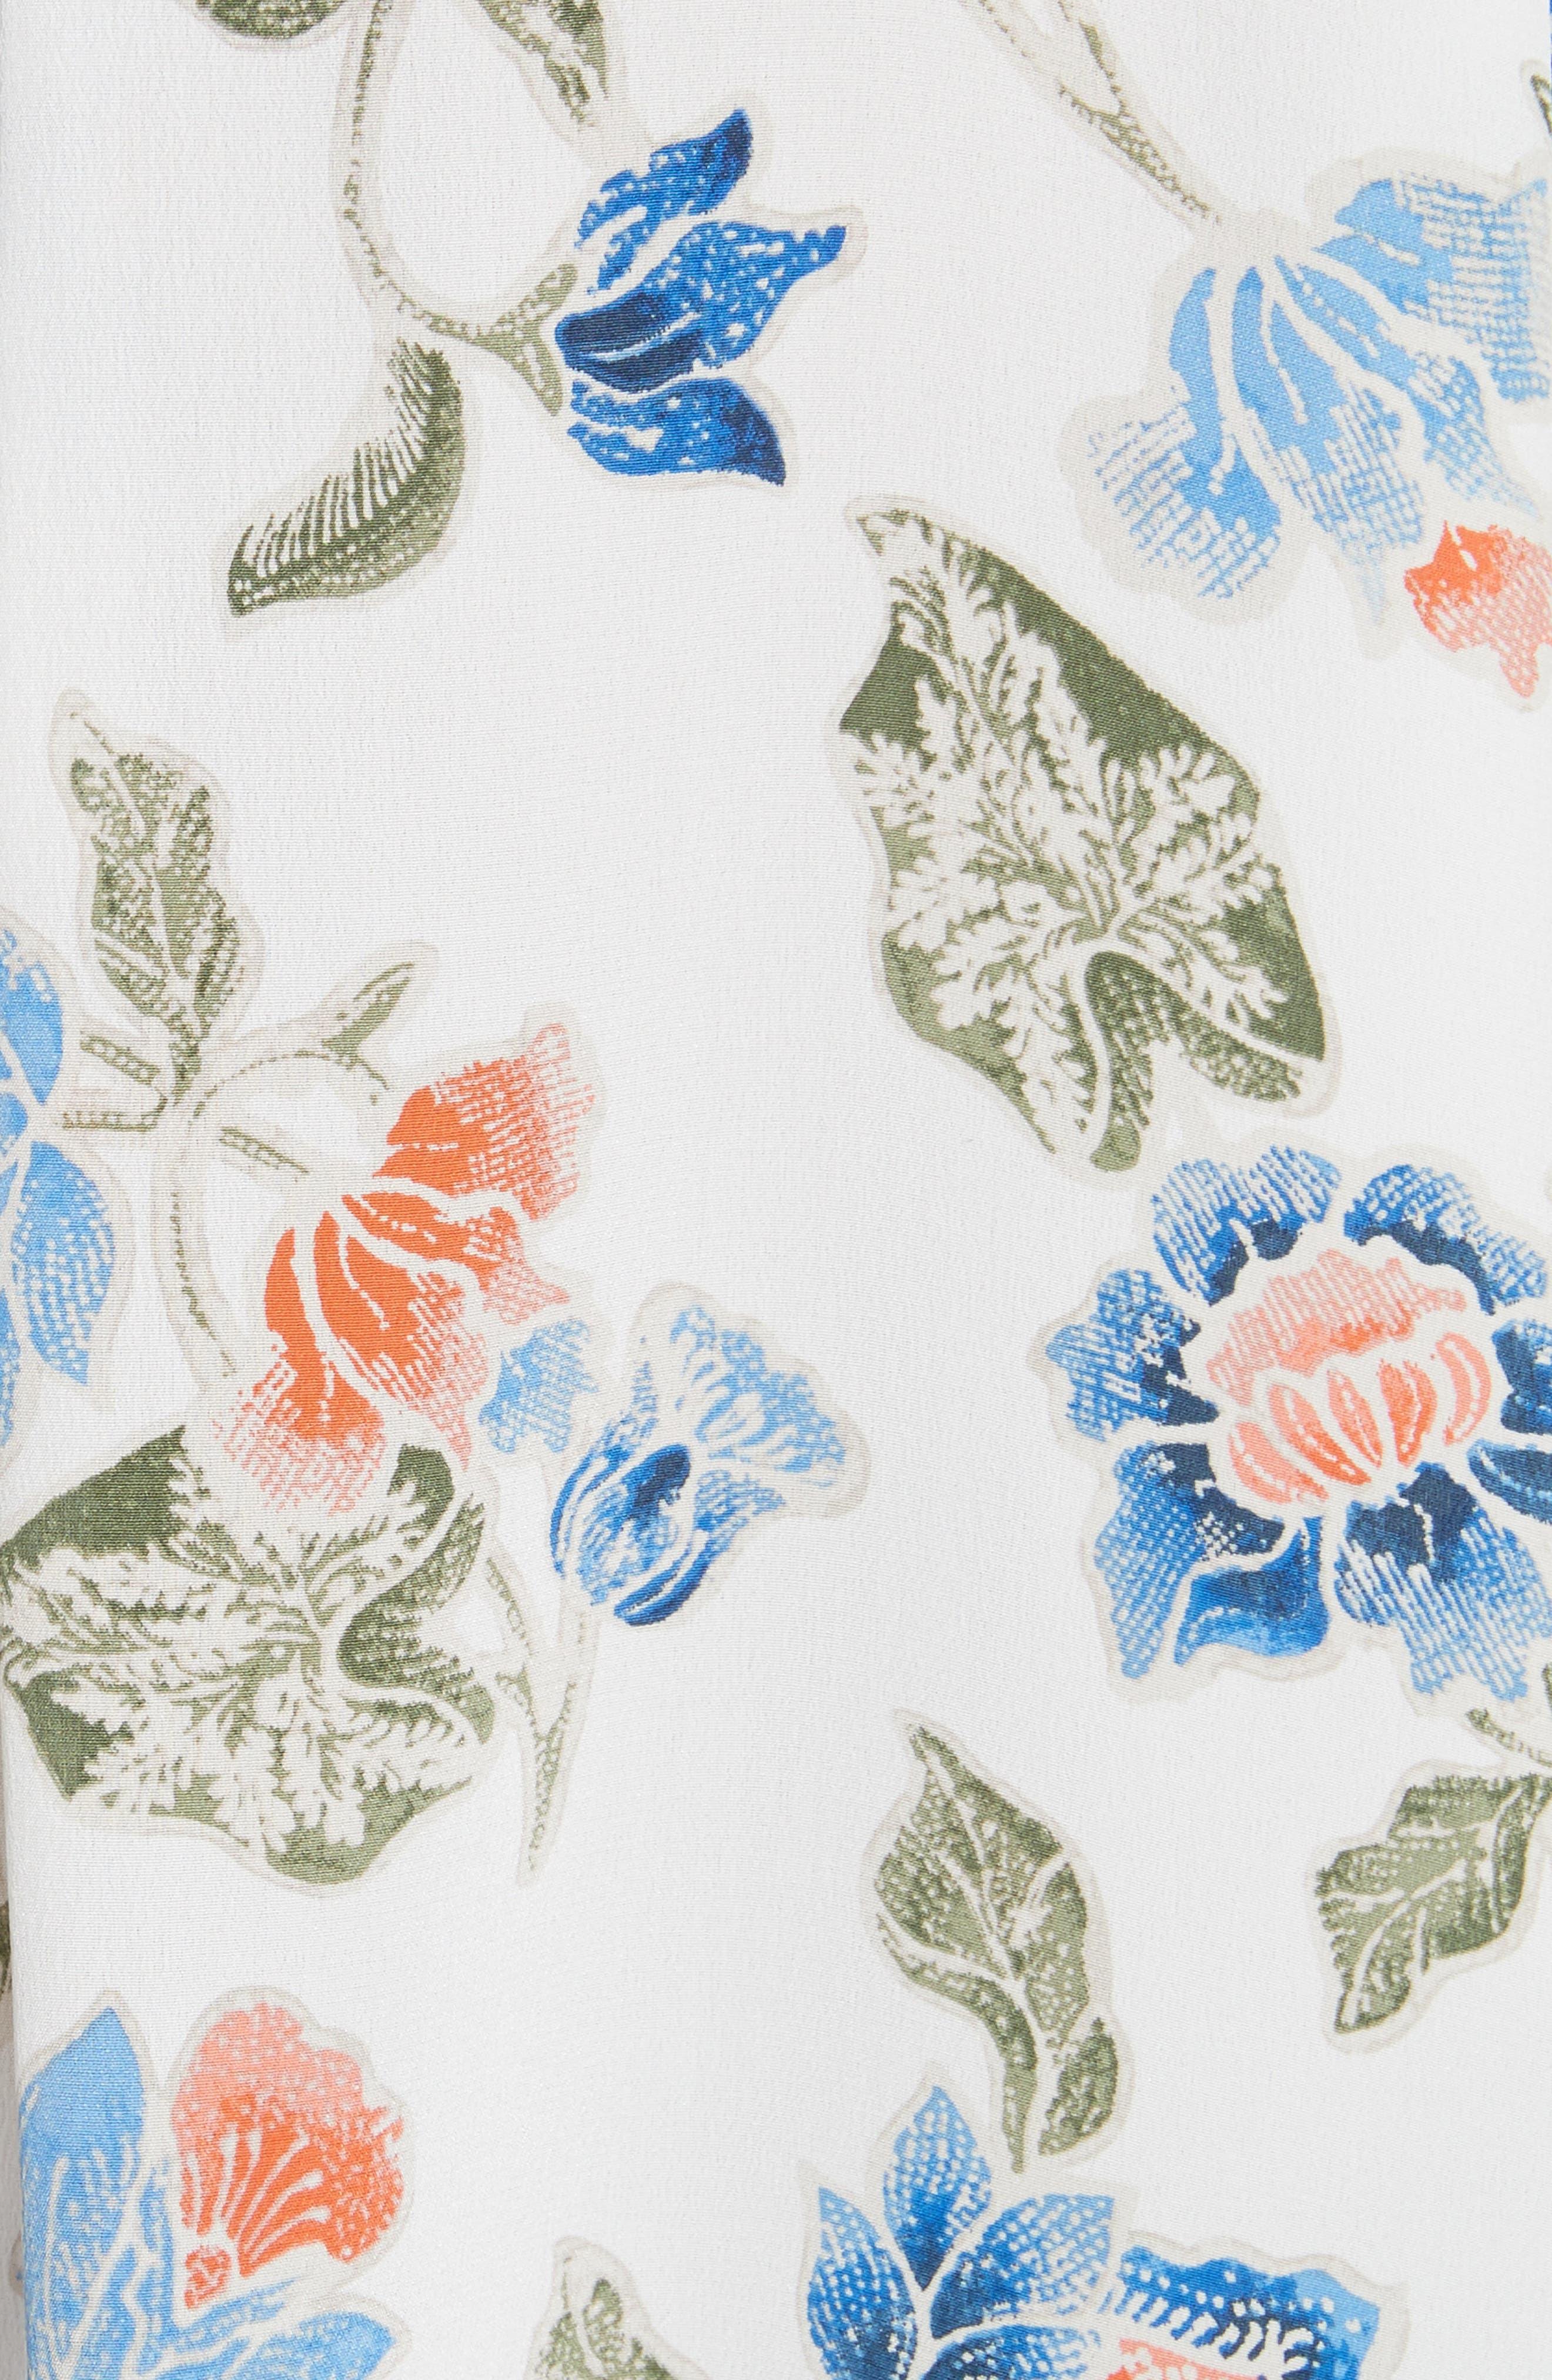 Desmonda Floral Contrast Cuff Silk Blouse,                             Alternate thumbnail 5, color,                             Porcelain